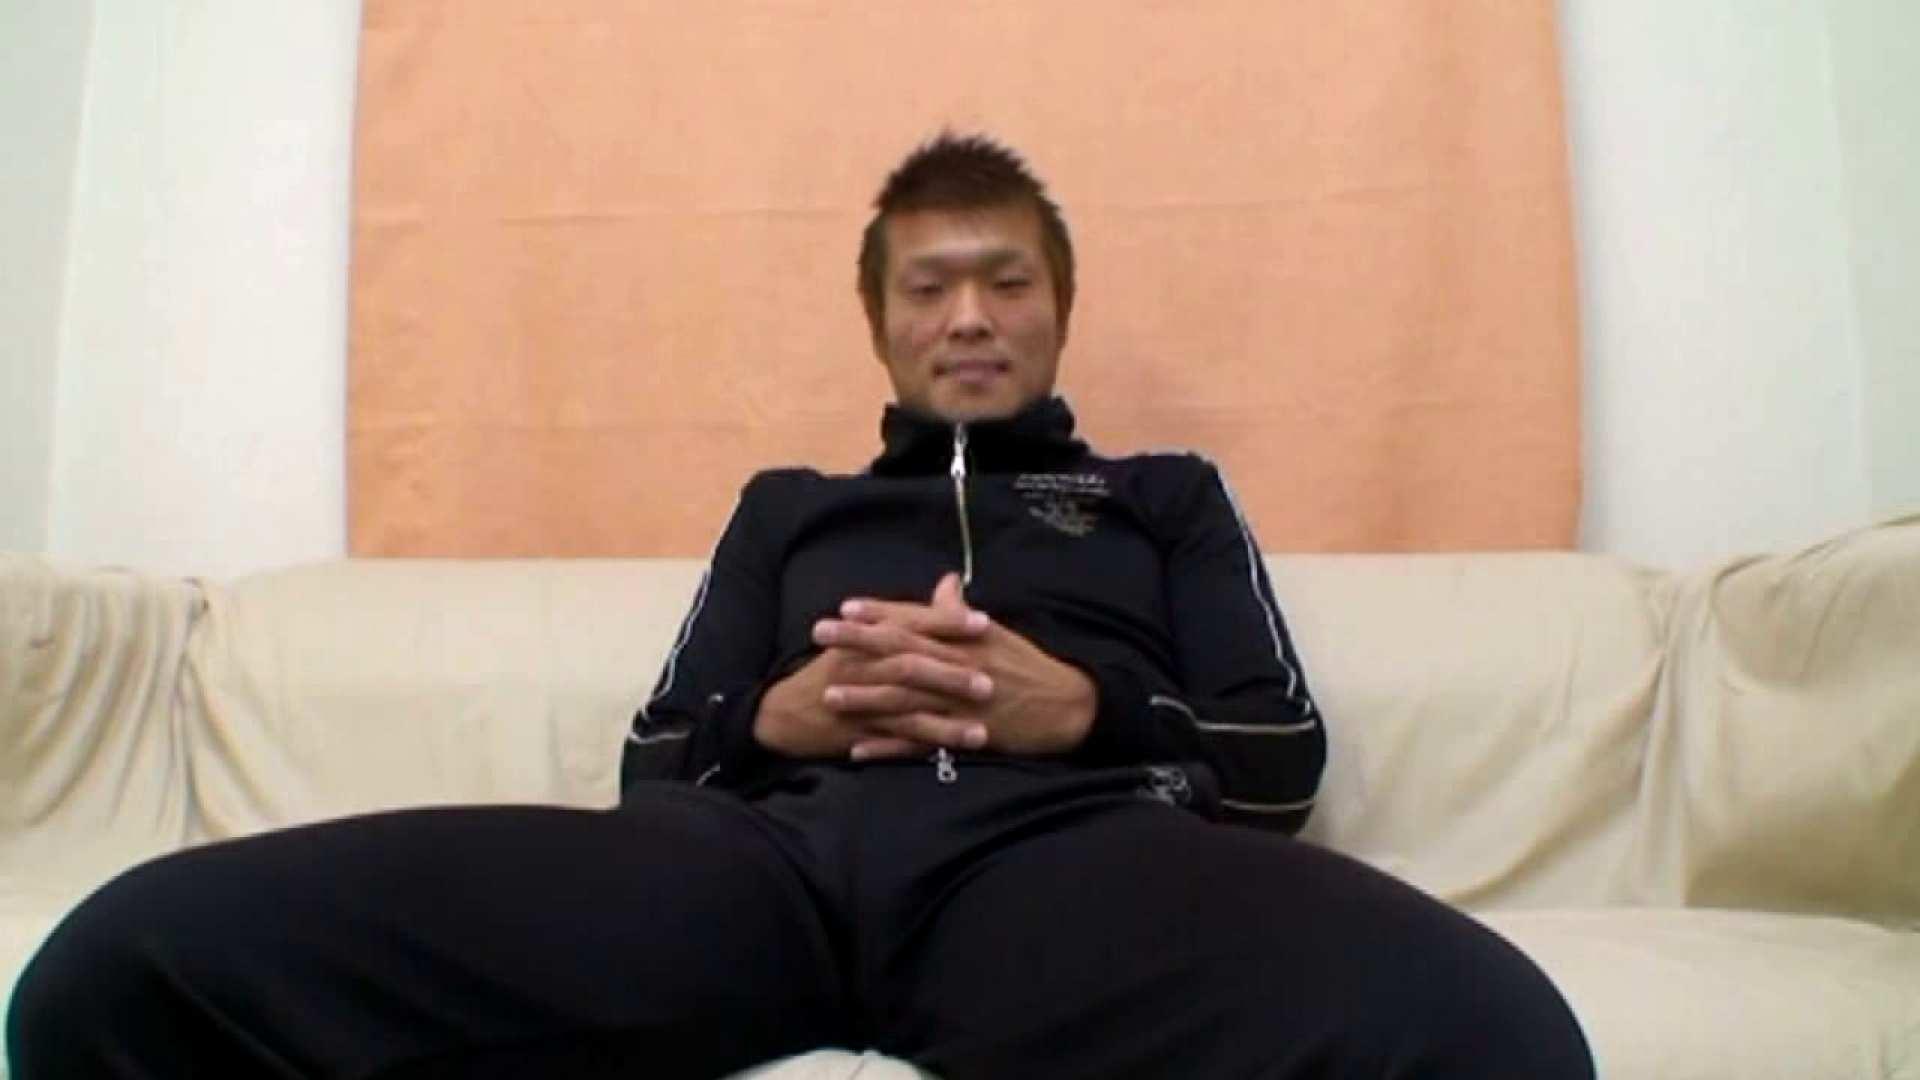 ノンケ!自慰スタジオ No.31 ノンケ君達の・・   自慰特集  96枚 33